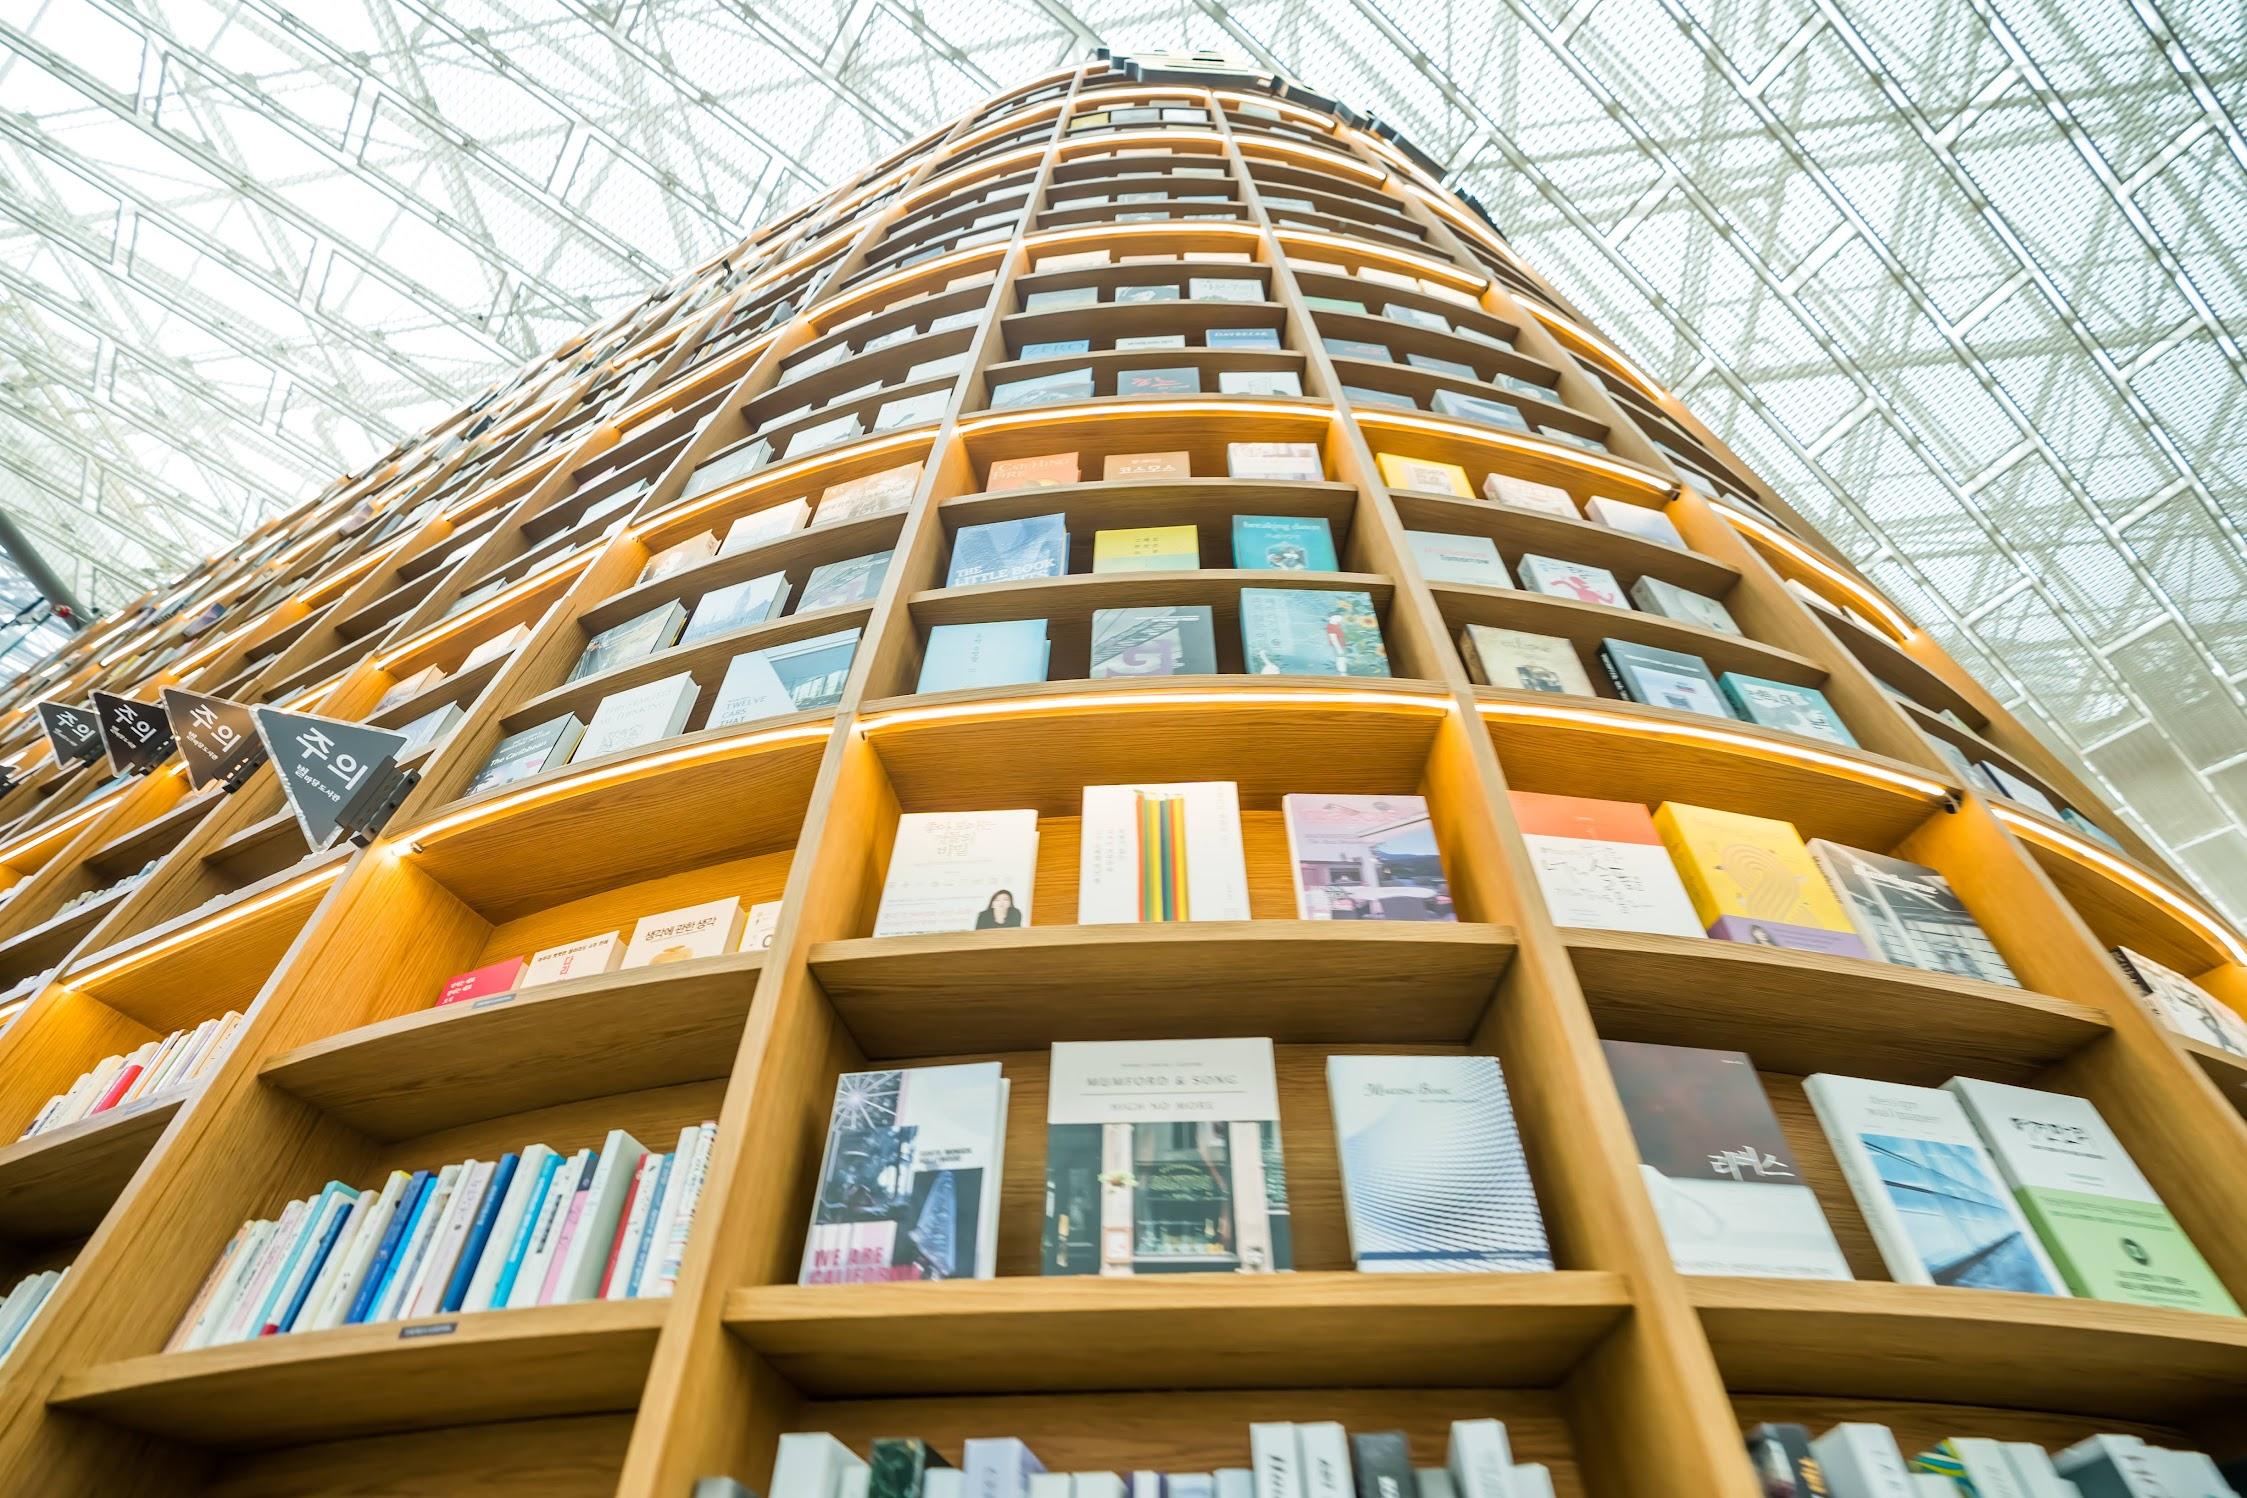 スターフィールド COEX MALL ピョルマダン図書館2